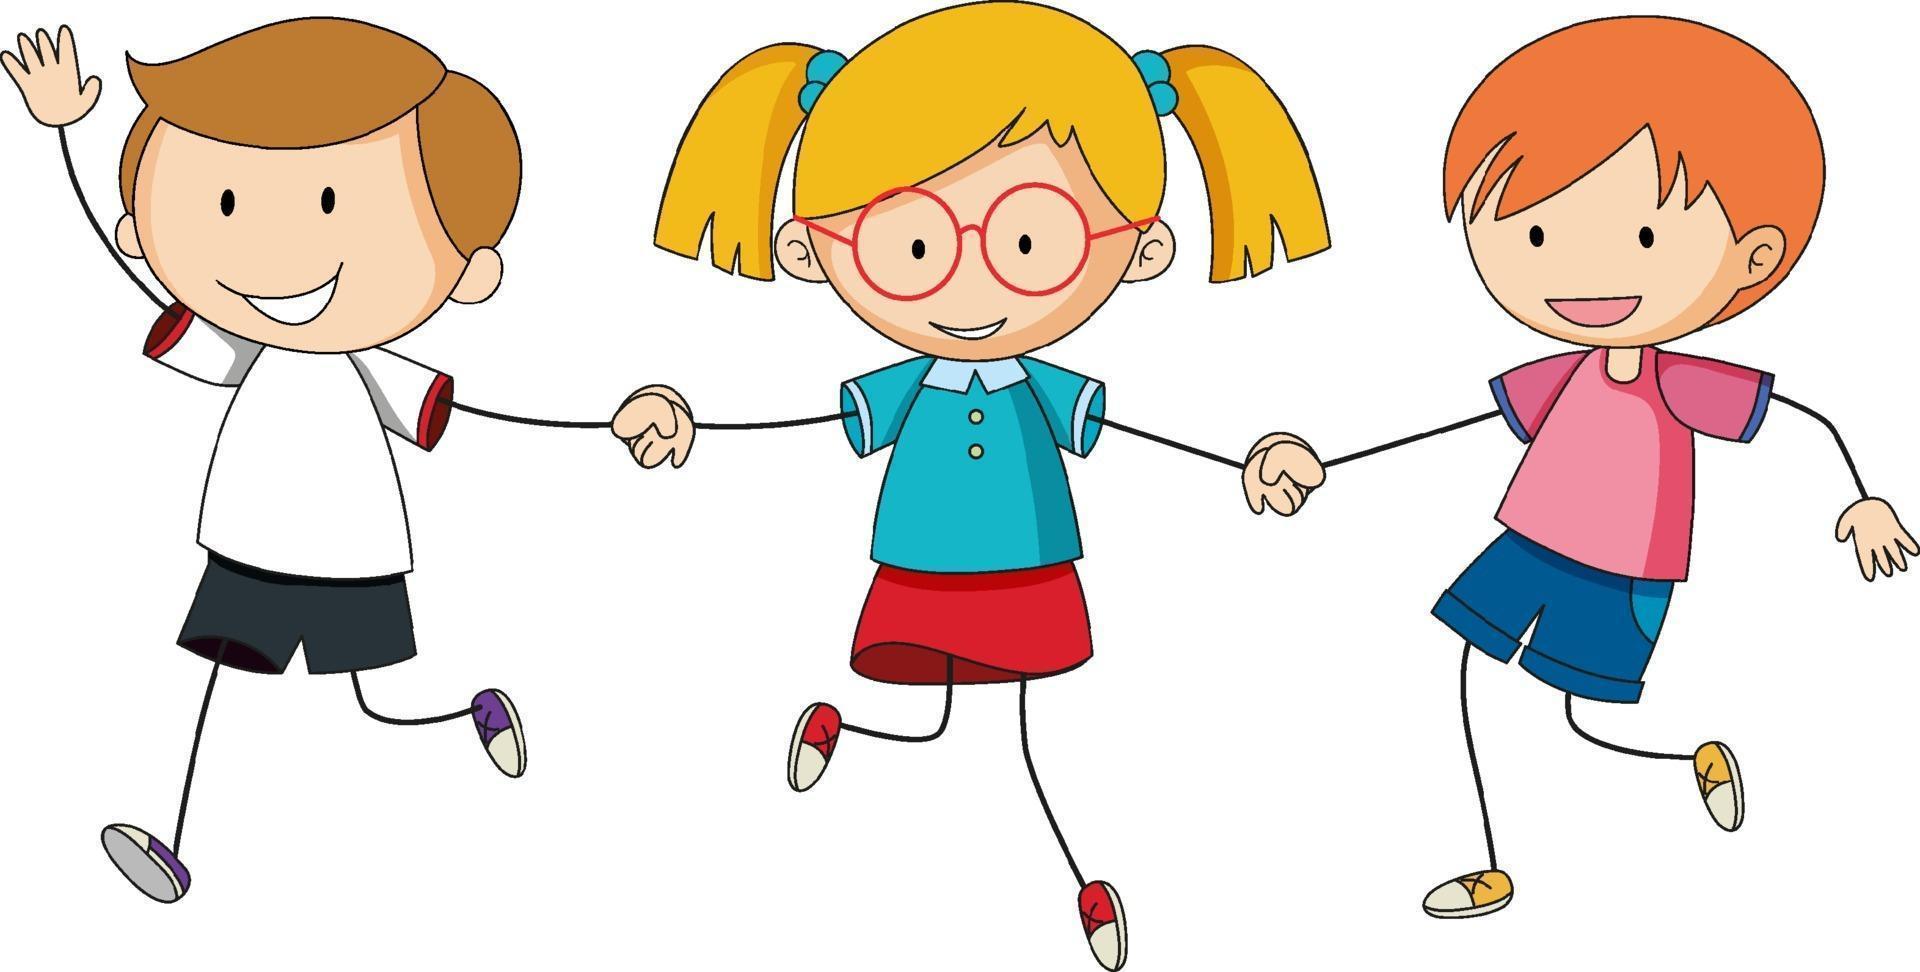 drie kinderen hand in hand cartoon karakter hand getrokken doodle stijl geïsoleerd vector